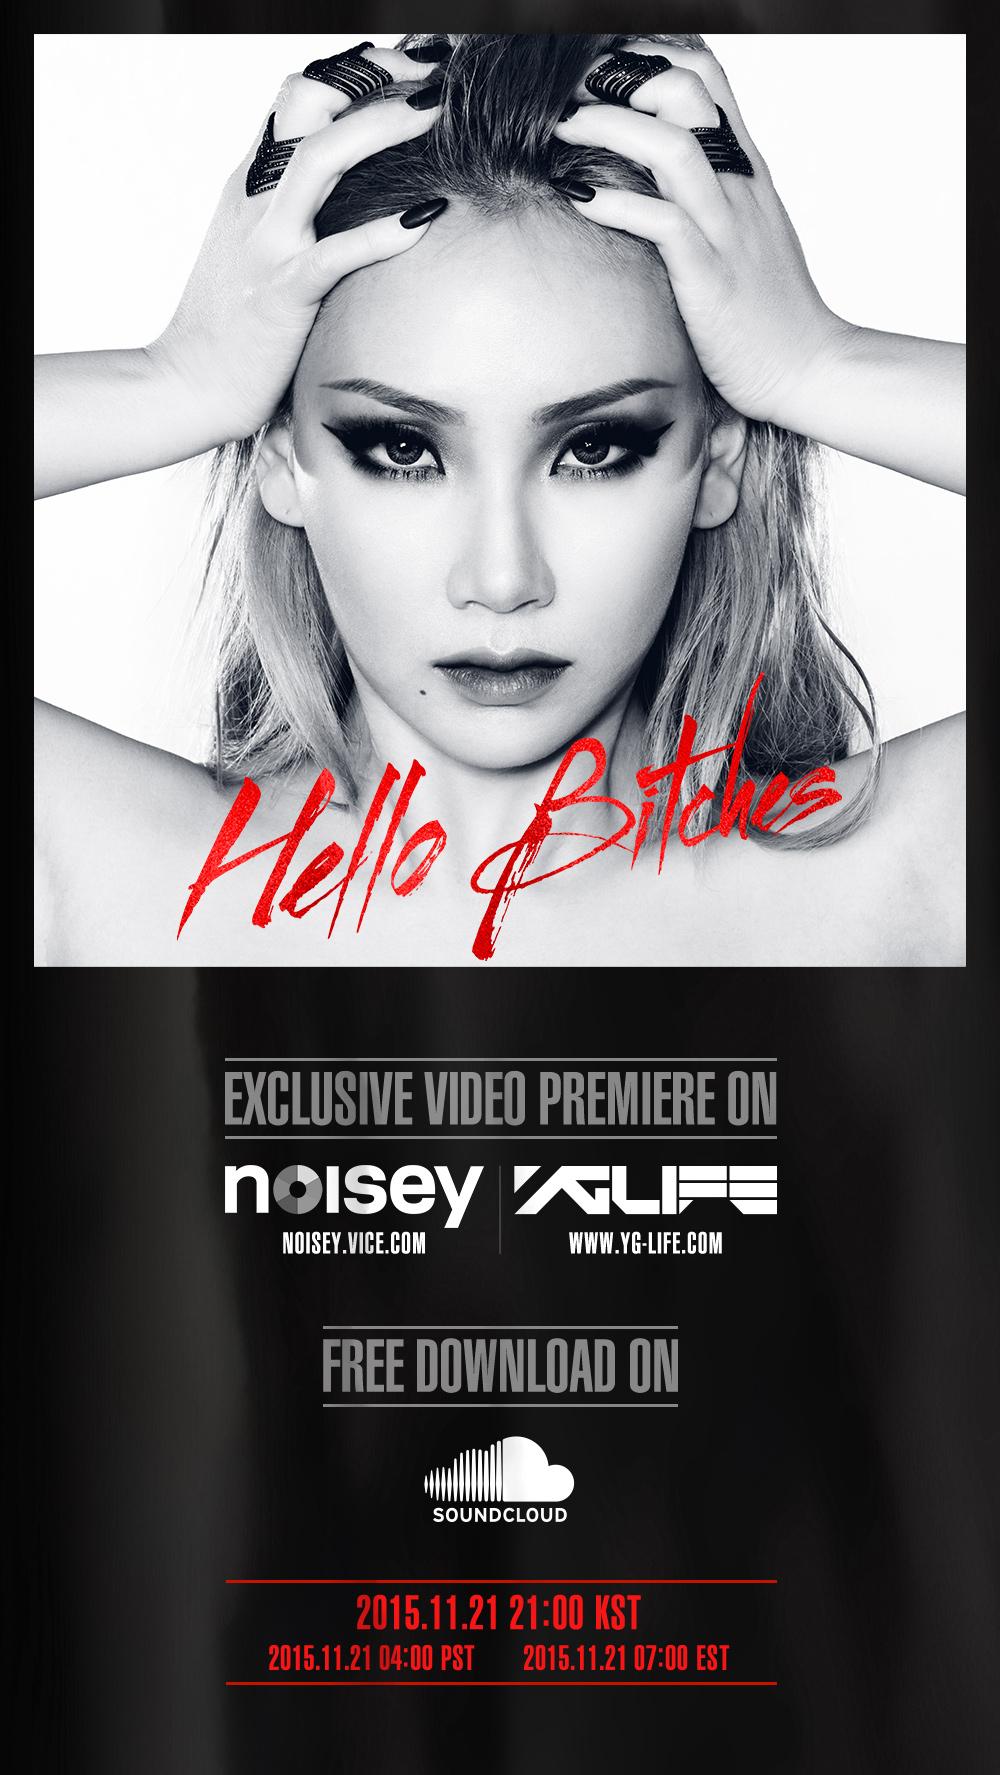 這首歌作為CL正式在美國出道的首張單曲,向全世界公開!!